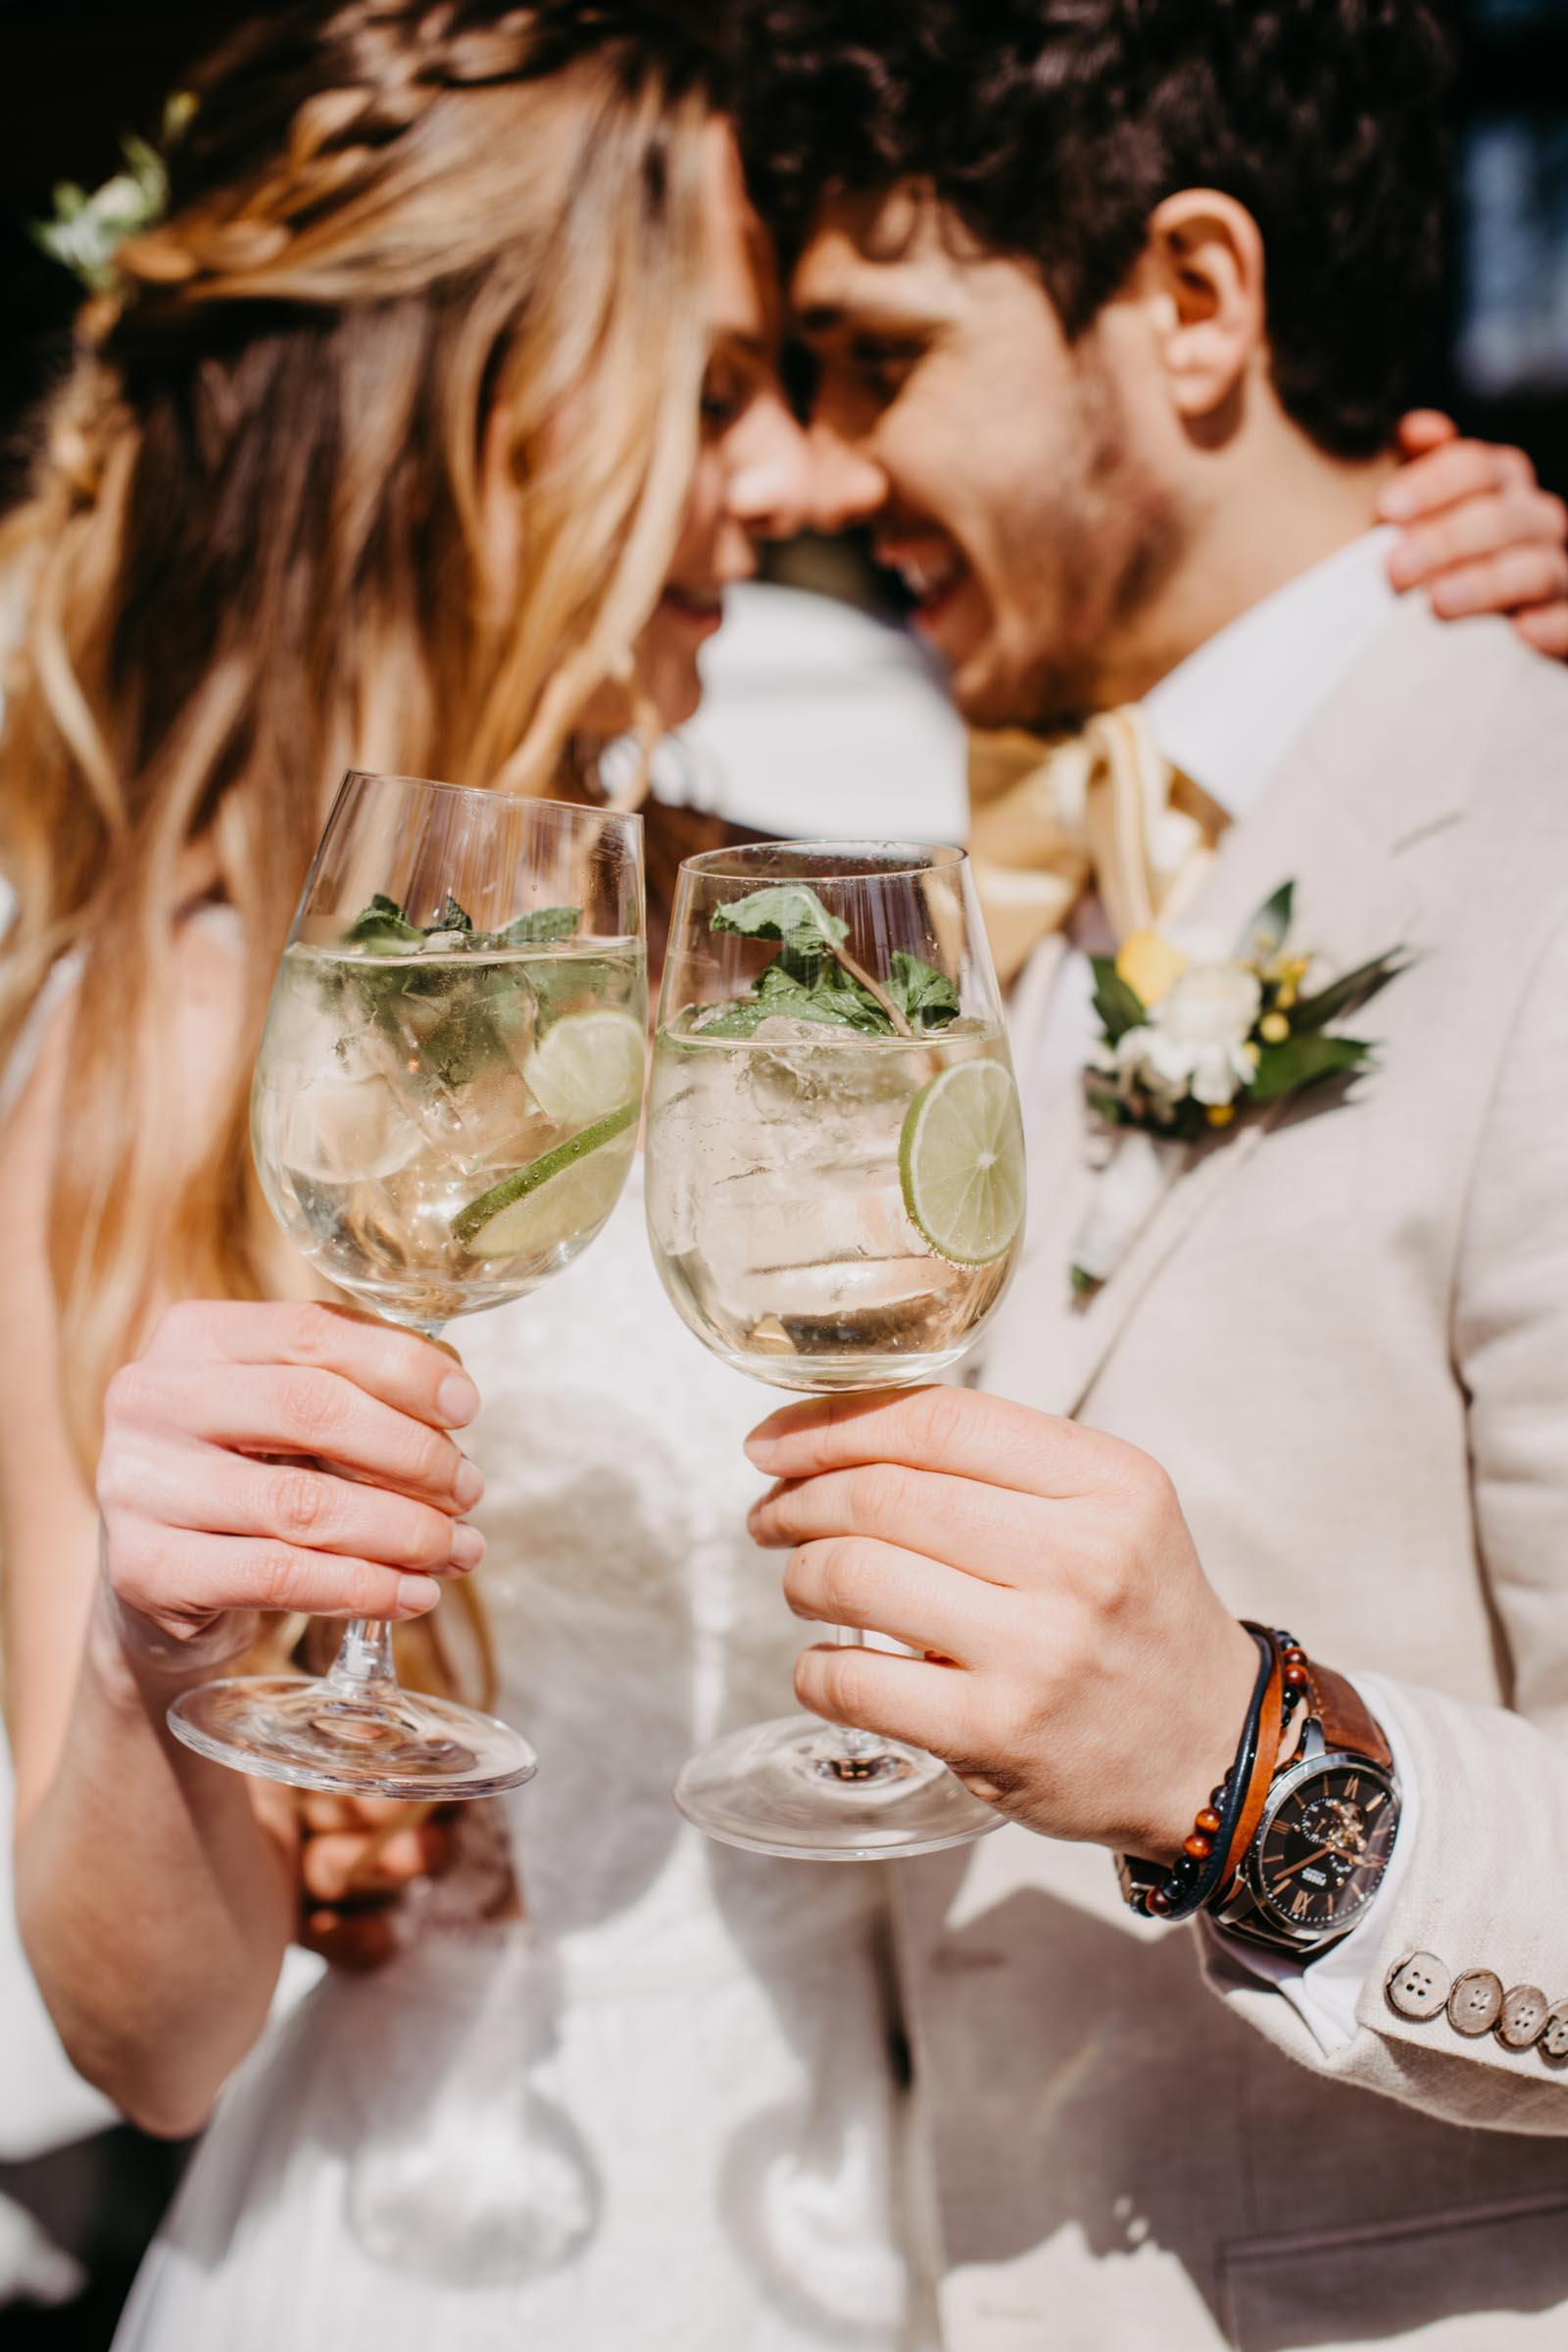 Mobile | Bar | Ape | VW | Bulli | Cocktailservice | Cocktail | Bus | Getränke | Catering | Foodtruck | Sektempfang | Standesamt | Hochzeit | Barkeeper | Hochzeit | Event | Mieten | Buchen | Barformat